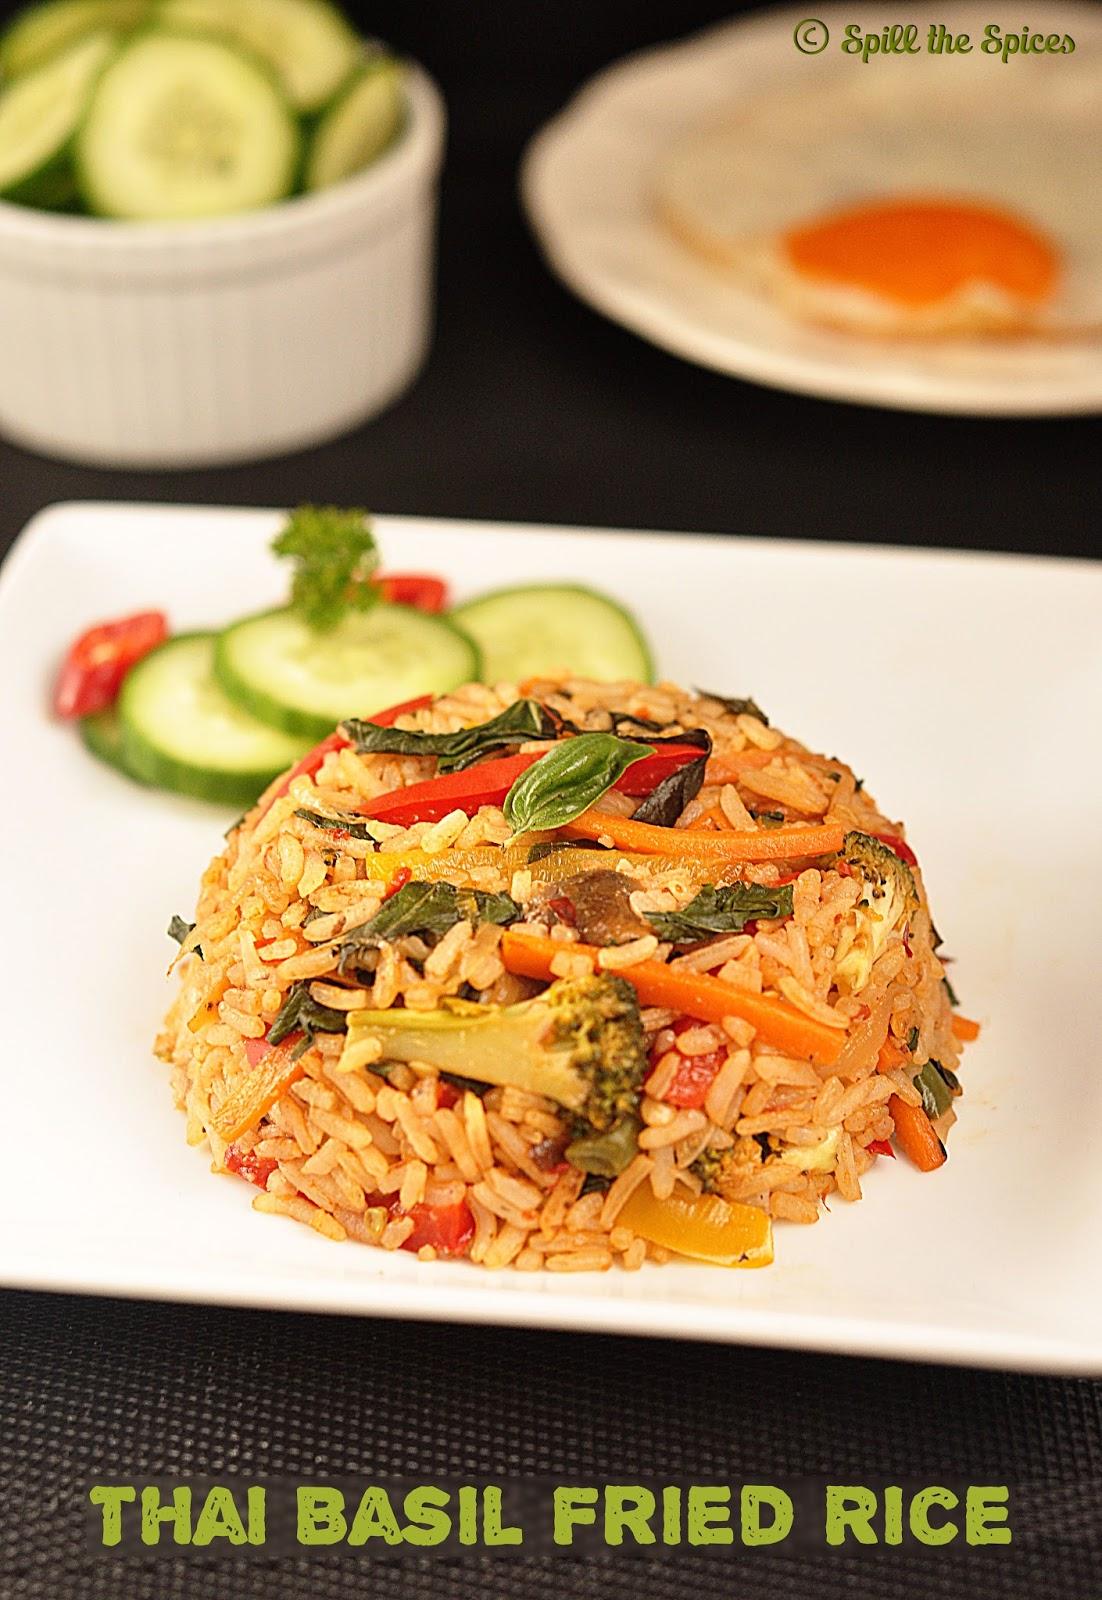 Basil Thai Cuisine  Hamilton Ave Huntington Beach Ca